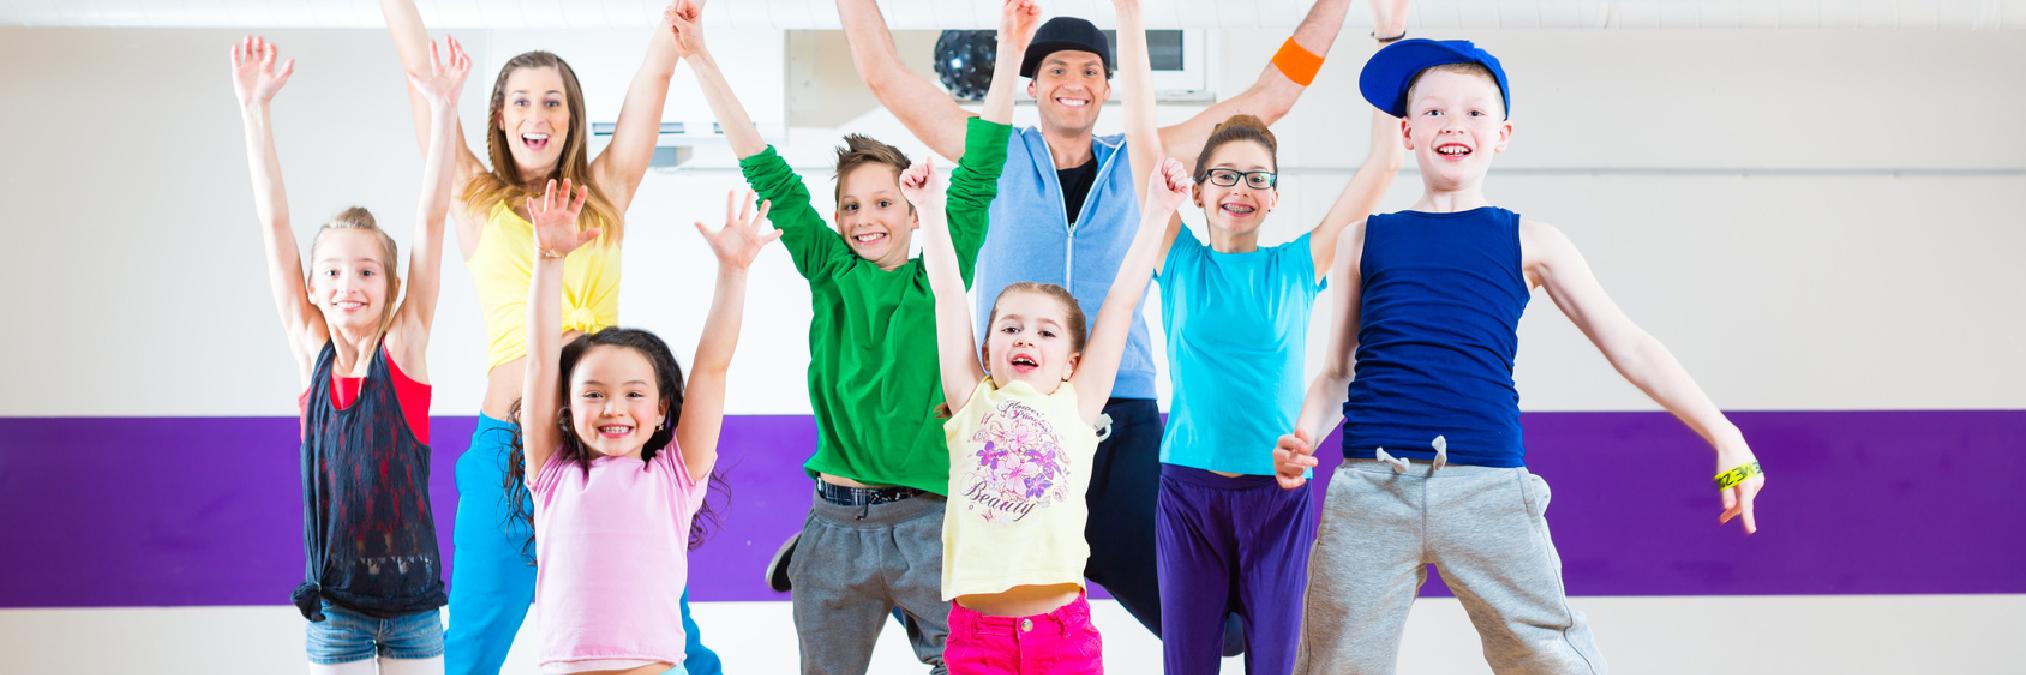 Kindertanz/Ballett (3-6 Jahre)